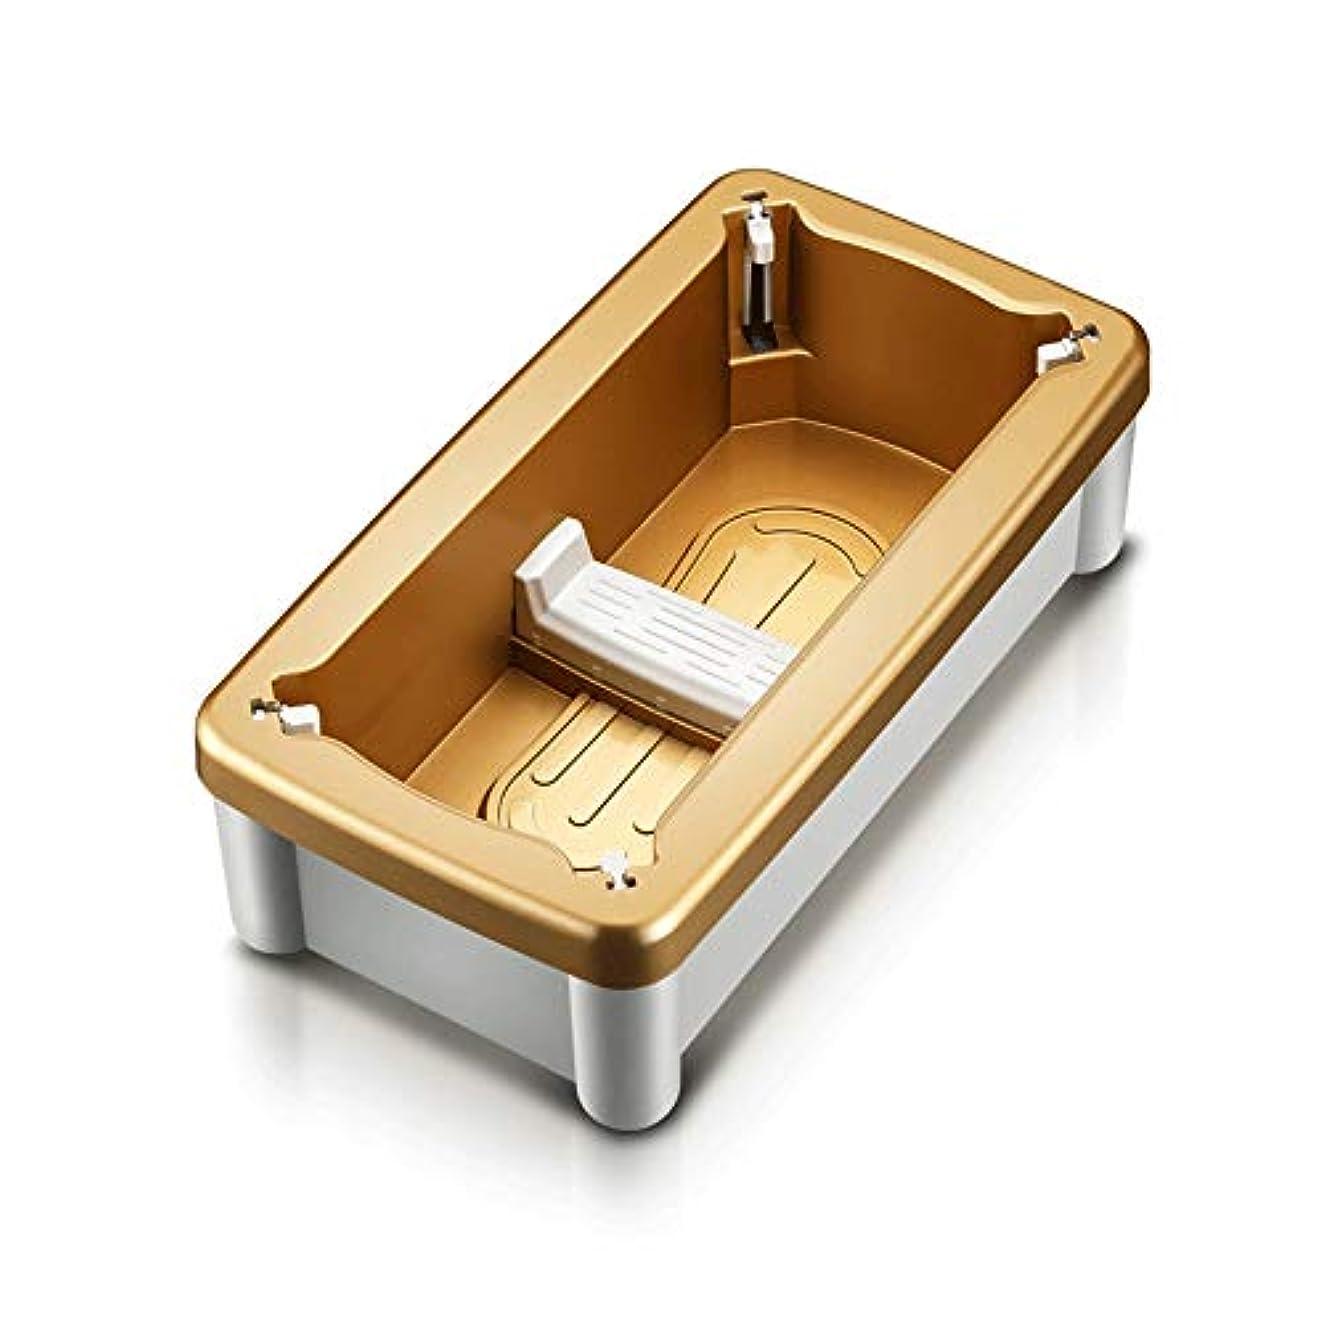 うなる脈拍保持する靴カバーマシンホーム自動使い捨て靴マシンオフィス足型機スマートフットカバー変更靴カオスを避けるために (Color : Gold)